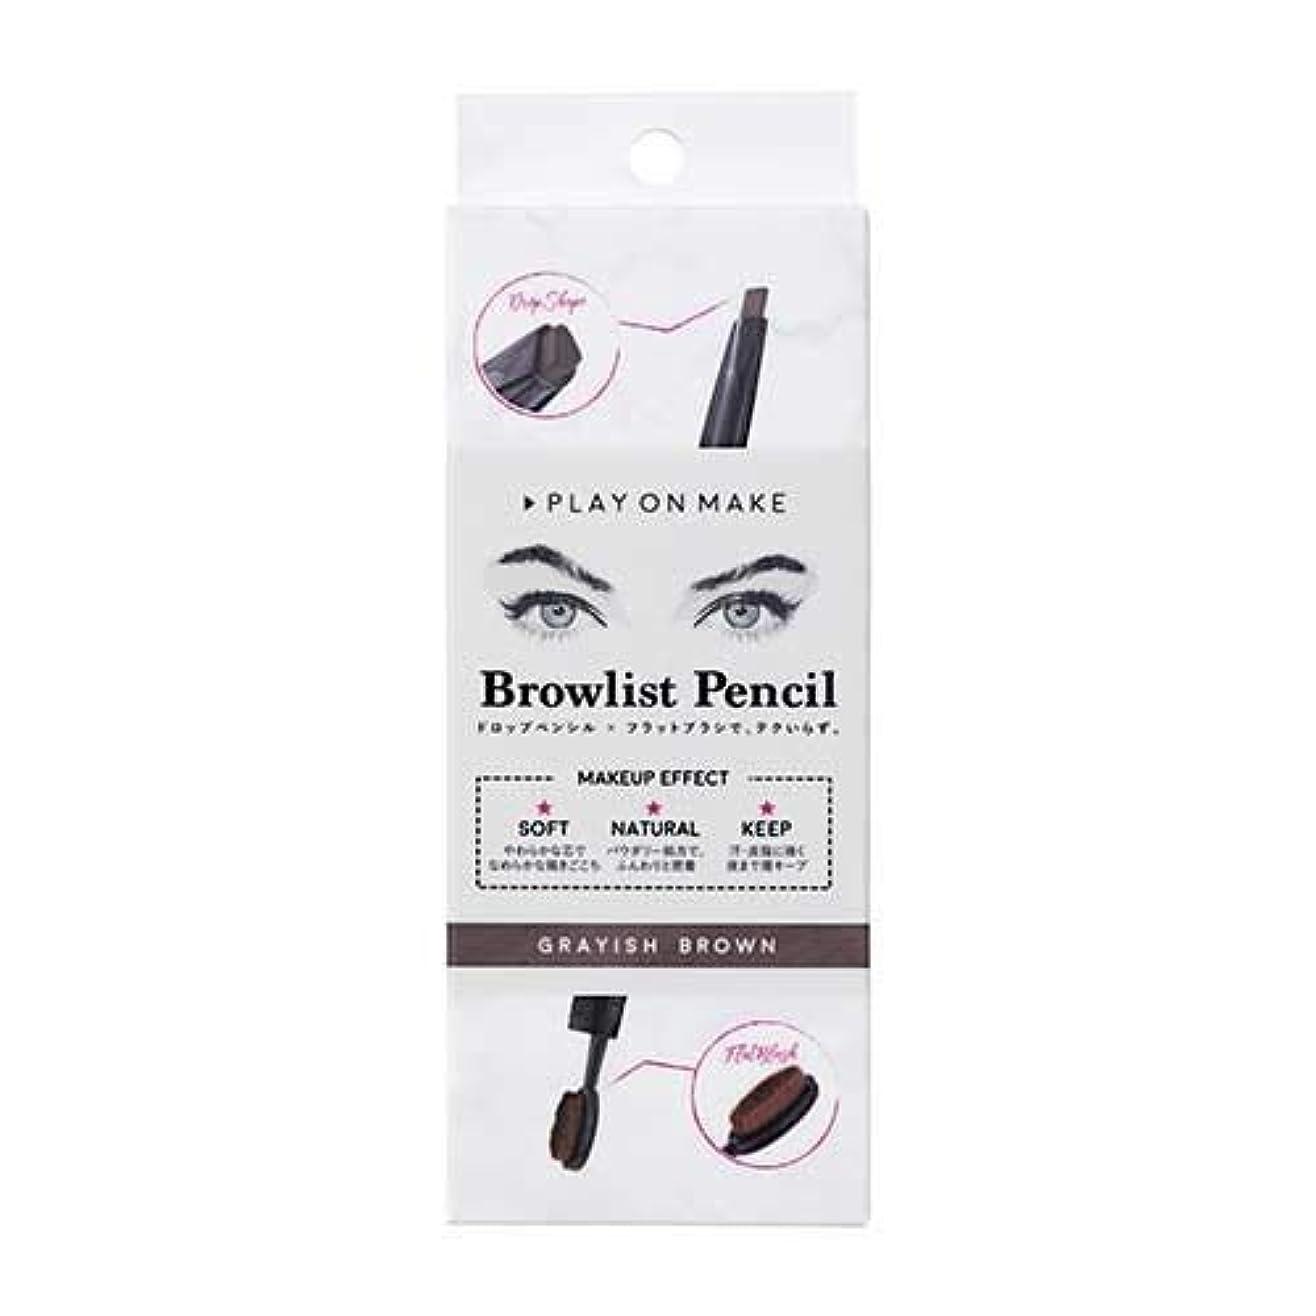 ましいアルコール未来PLAYONMAKE(プレイオンメイク) Browlist Pencil アイブロウ PM-0040 グレイッシュブラウン 3.2g